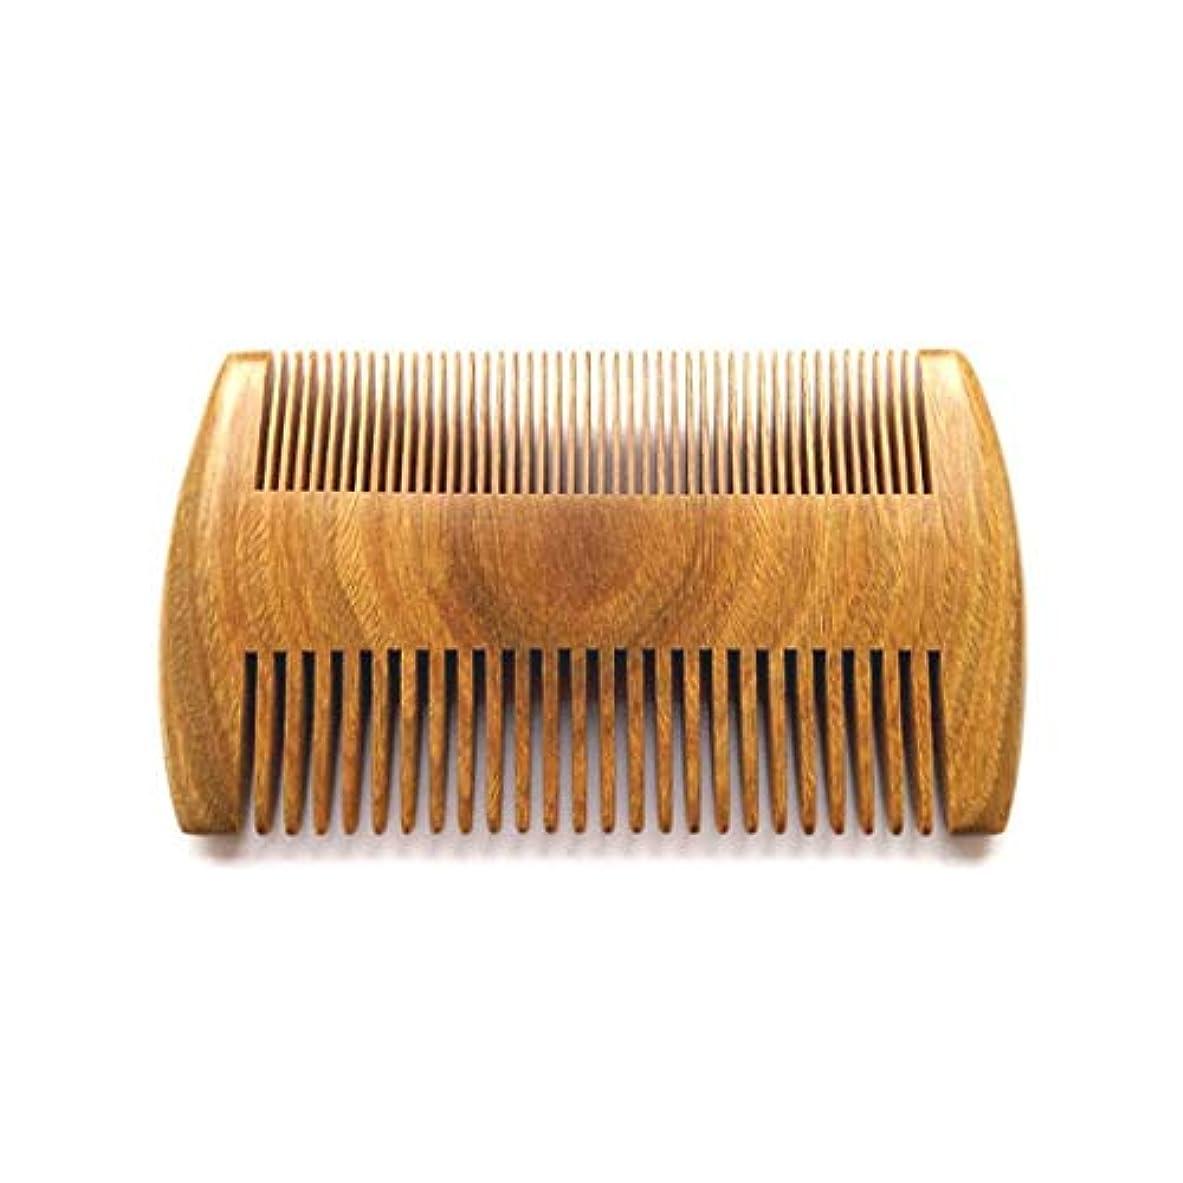 刺します手首危険にさらされているGuomao 健康な頭皮および毛のために非常に適したハンドメイドの自然な白檀の櫛 (色 : Wood color)